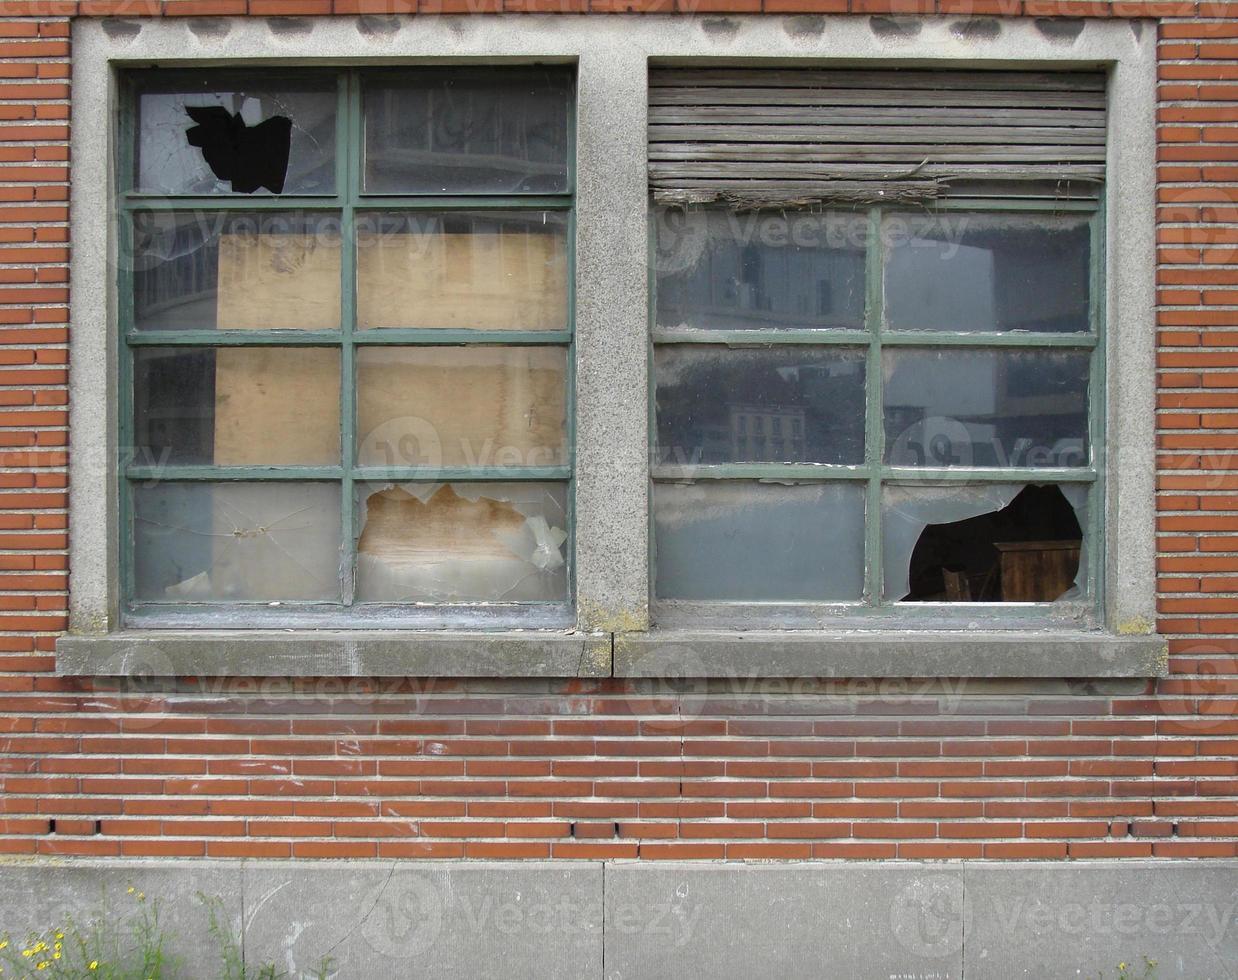 Fassade eines verlassenen Gebäudes mit zerbrochenen Fenstern und Rollladen foto